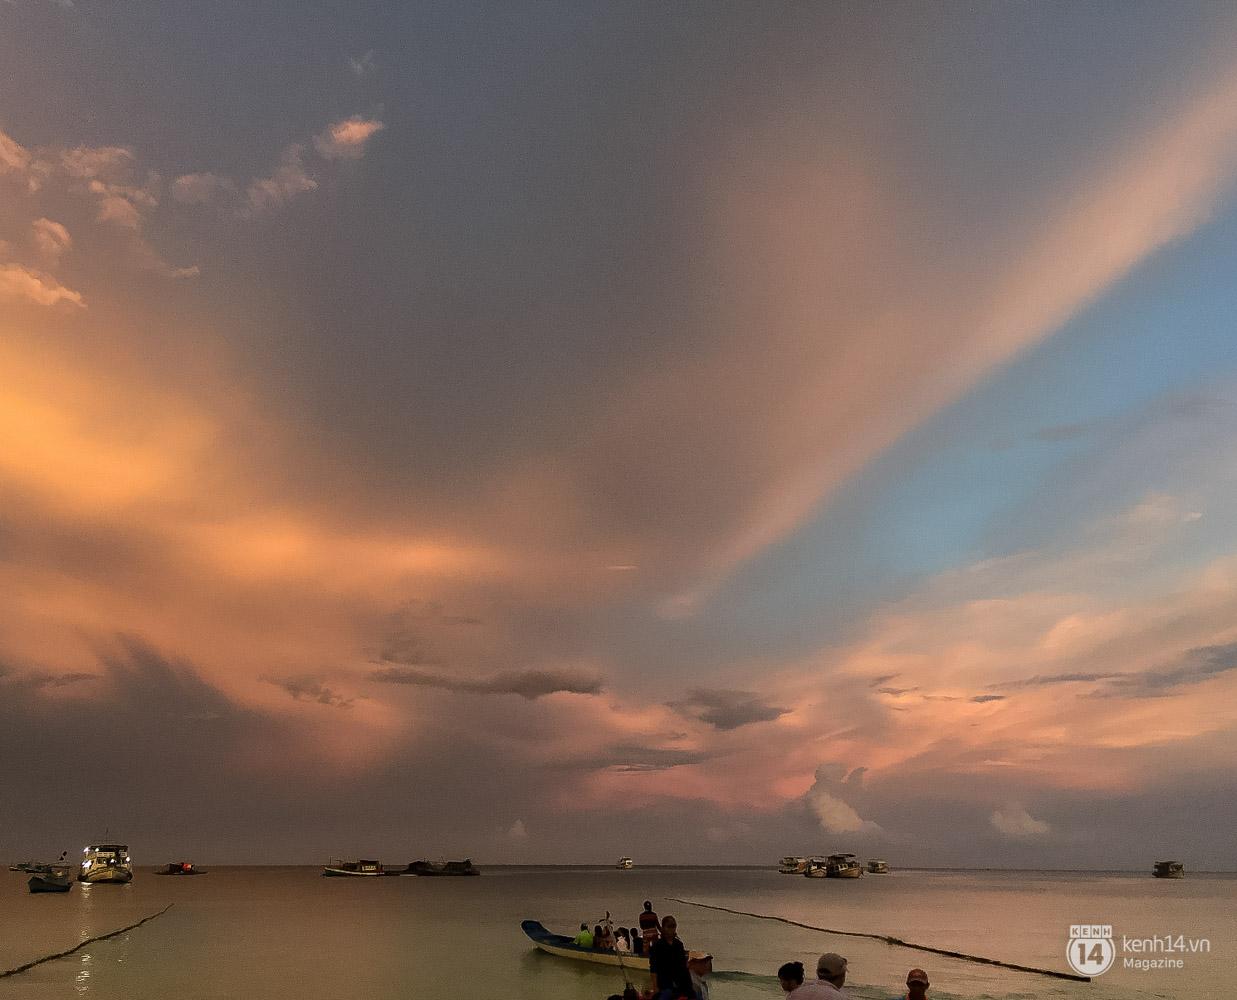 Phú Quốc: Những thứ tuyệt đẹp chẳng có trong cẩm nang du lịch - Ảnh 14.